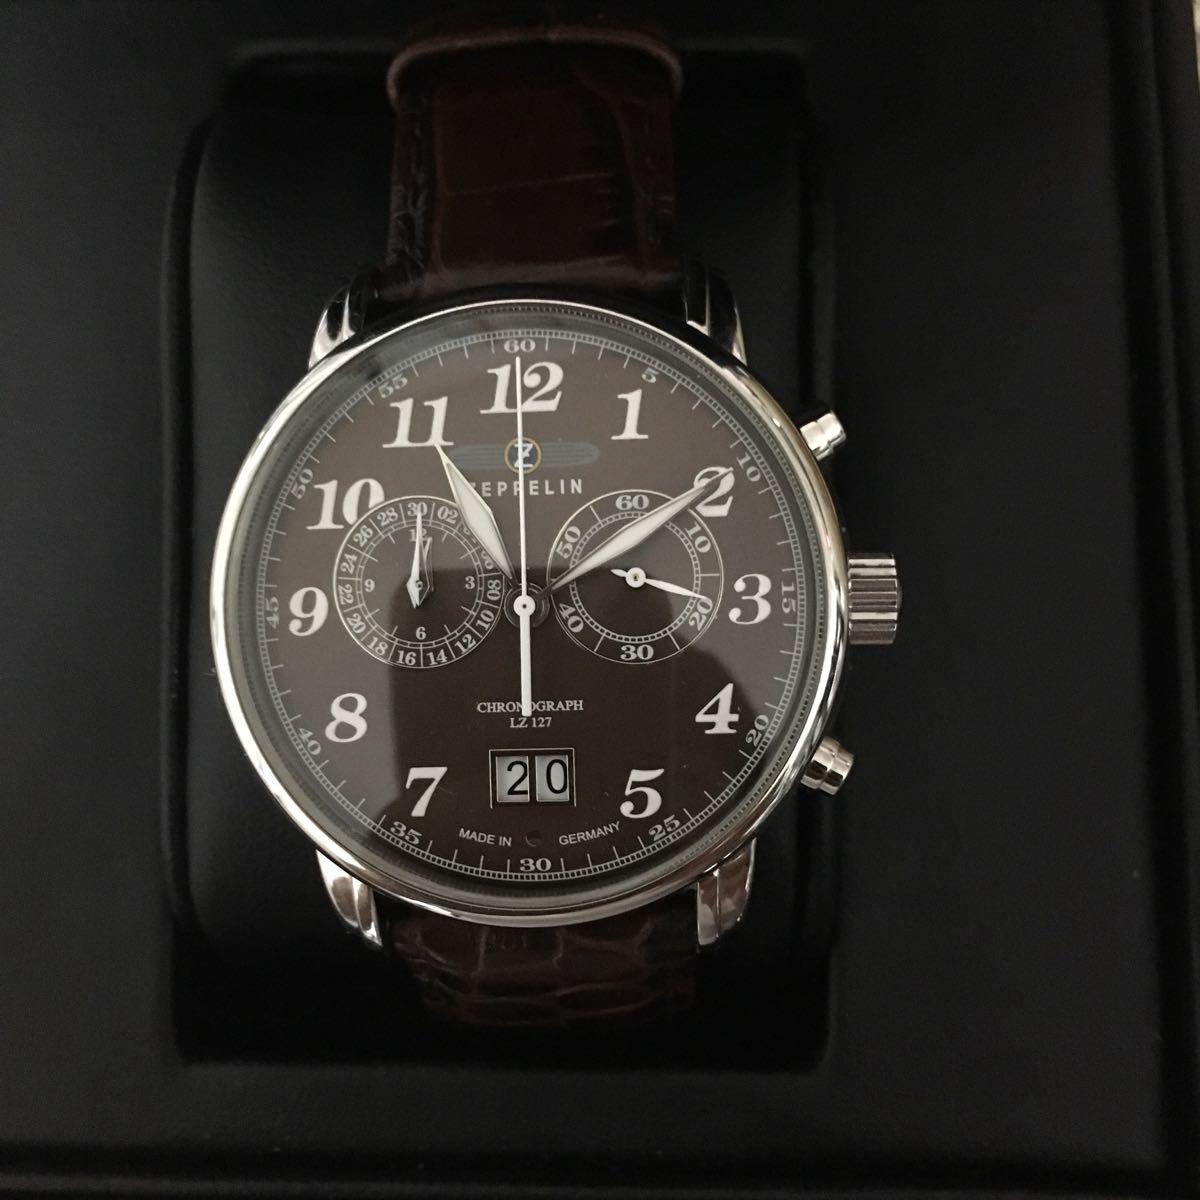 ツェッペリン 腕時計 メンズ 状態良好 クロノグラフ_画像6